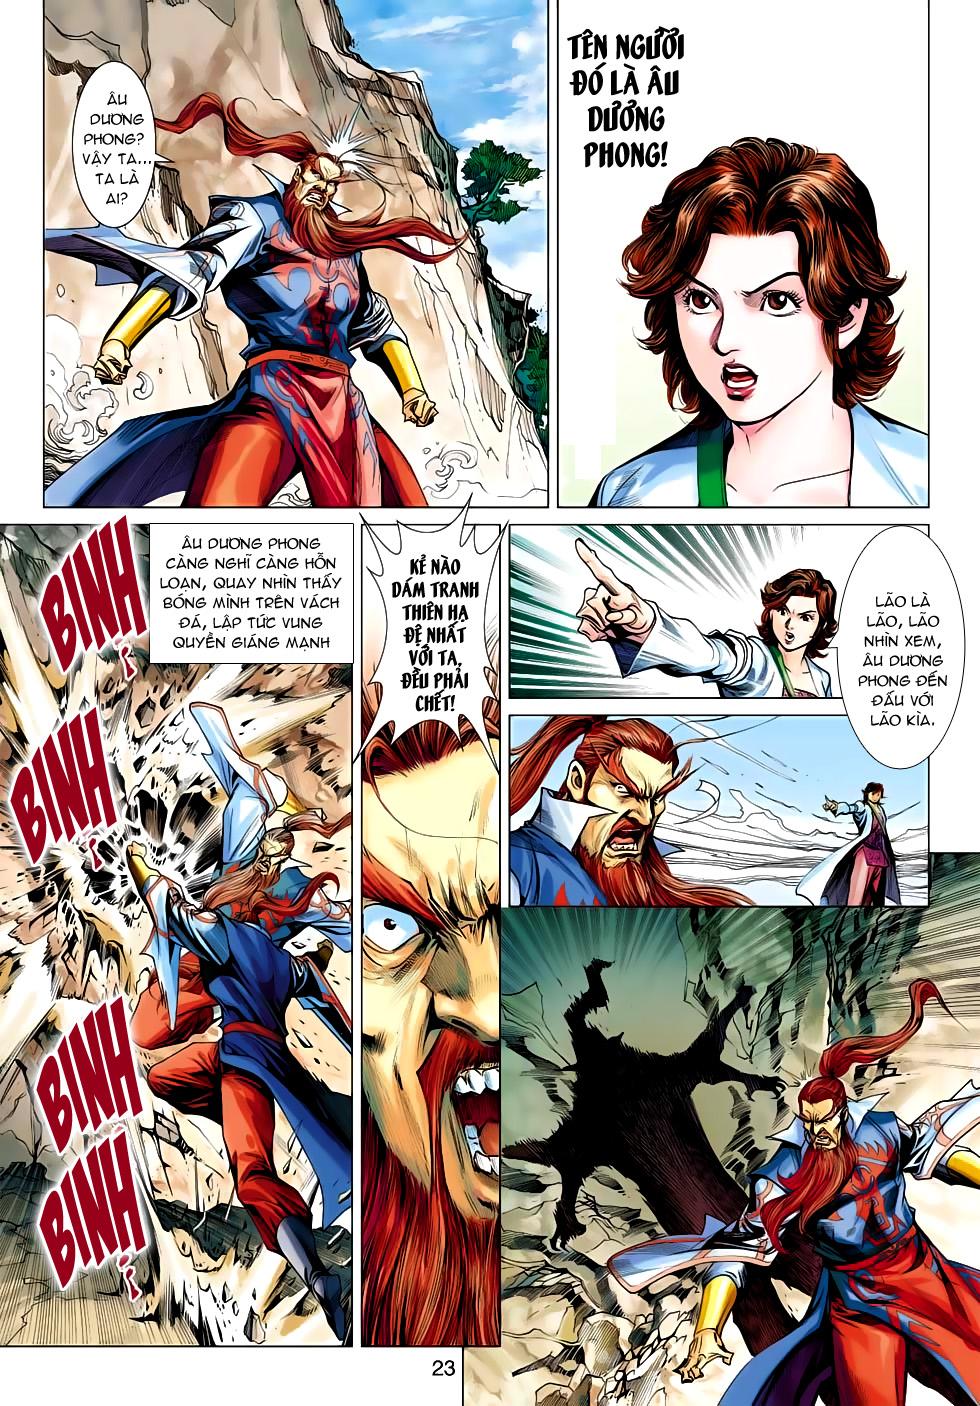 Xạ Điêu Anh Hùng Truyện chap 100 – End Trang 23 - Mangak.info